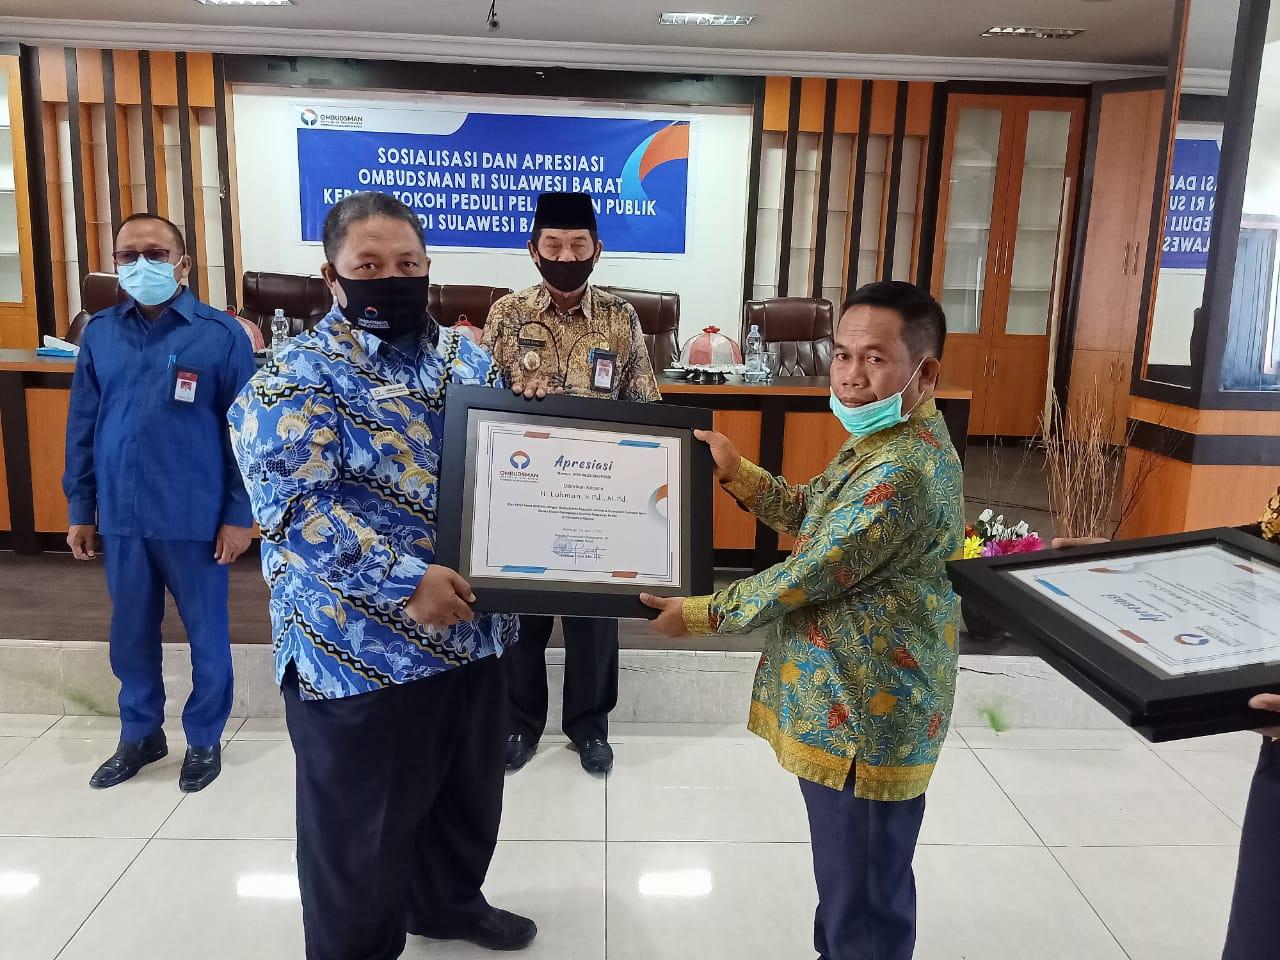 img Setelah Fahmi, Kini Lukman Dapat Penghargaan